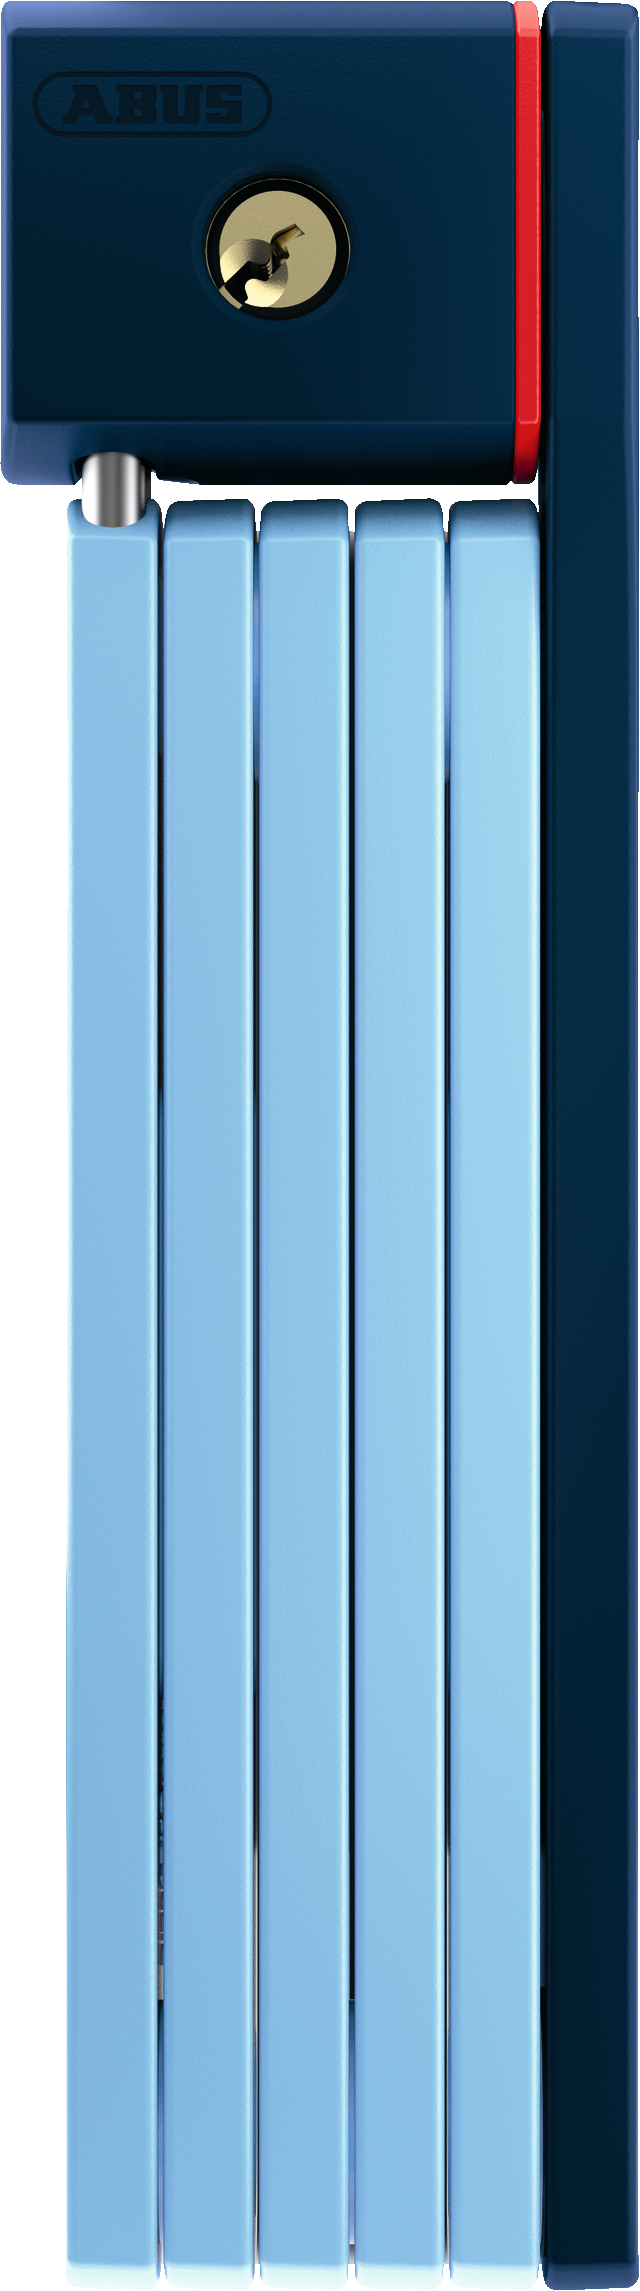 Faltschloss 5700/80 core blue